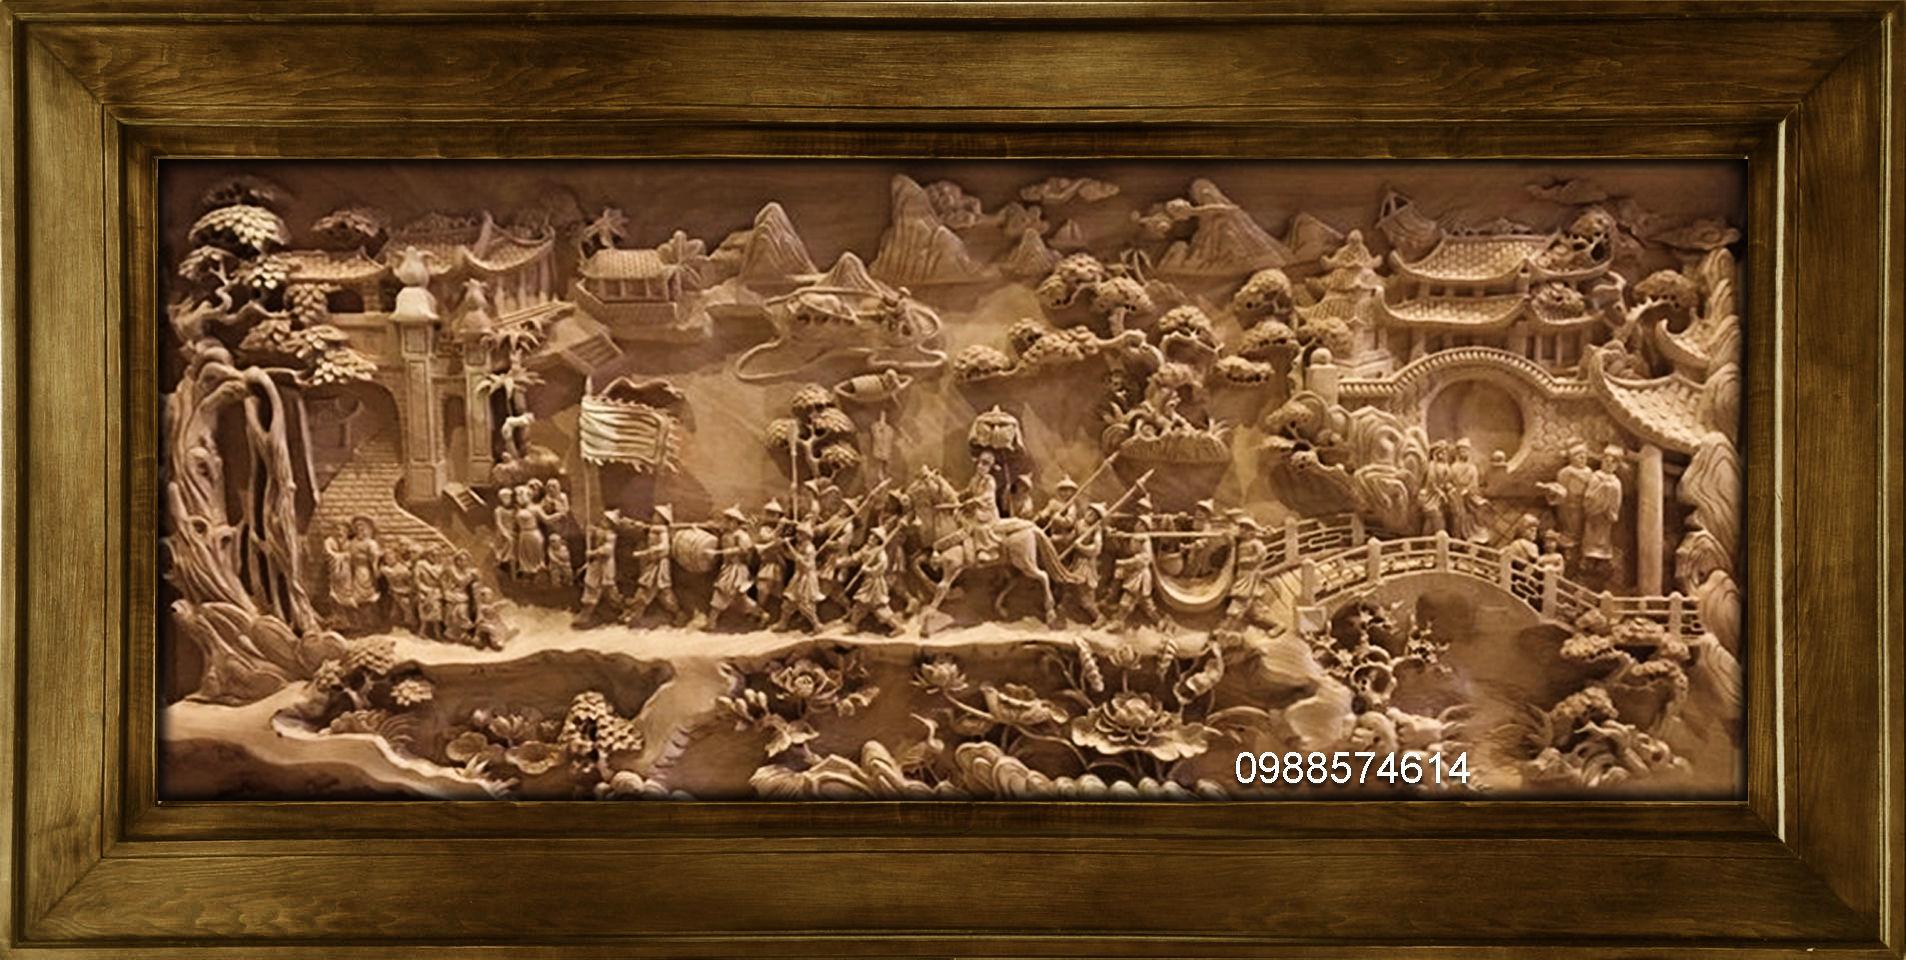 Mural landscape wood carving file stl OBJ and ZTL for CNC